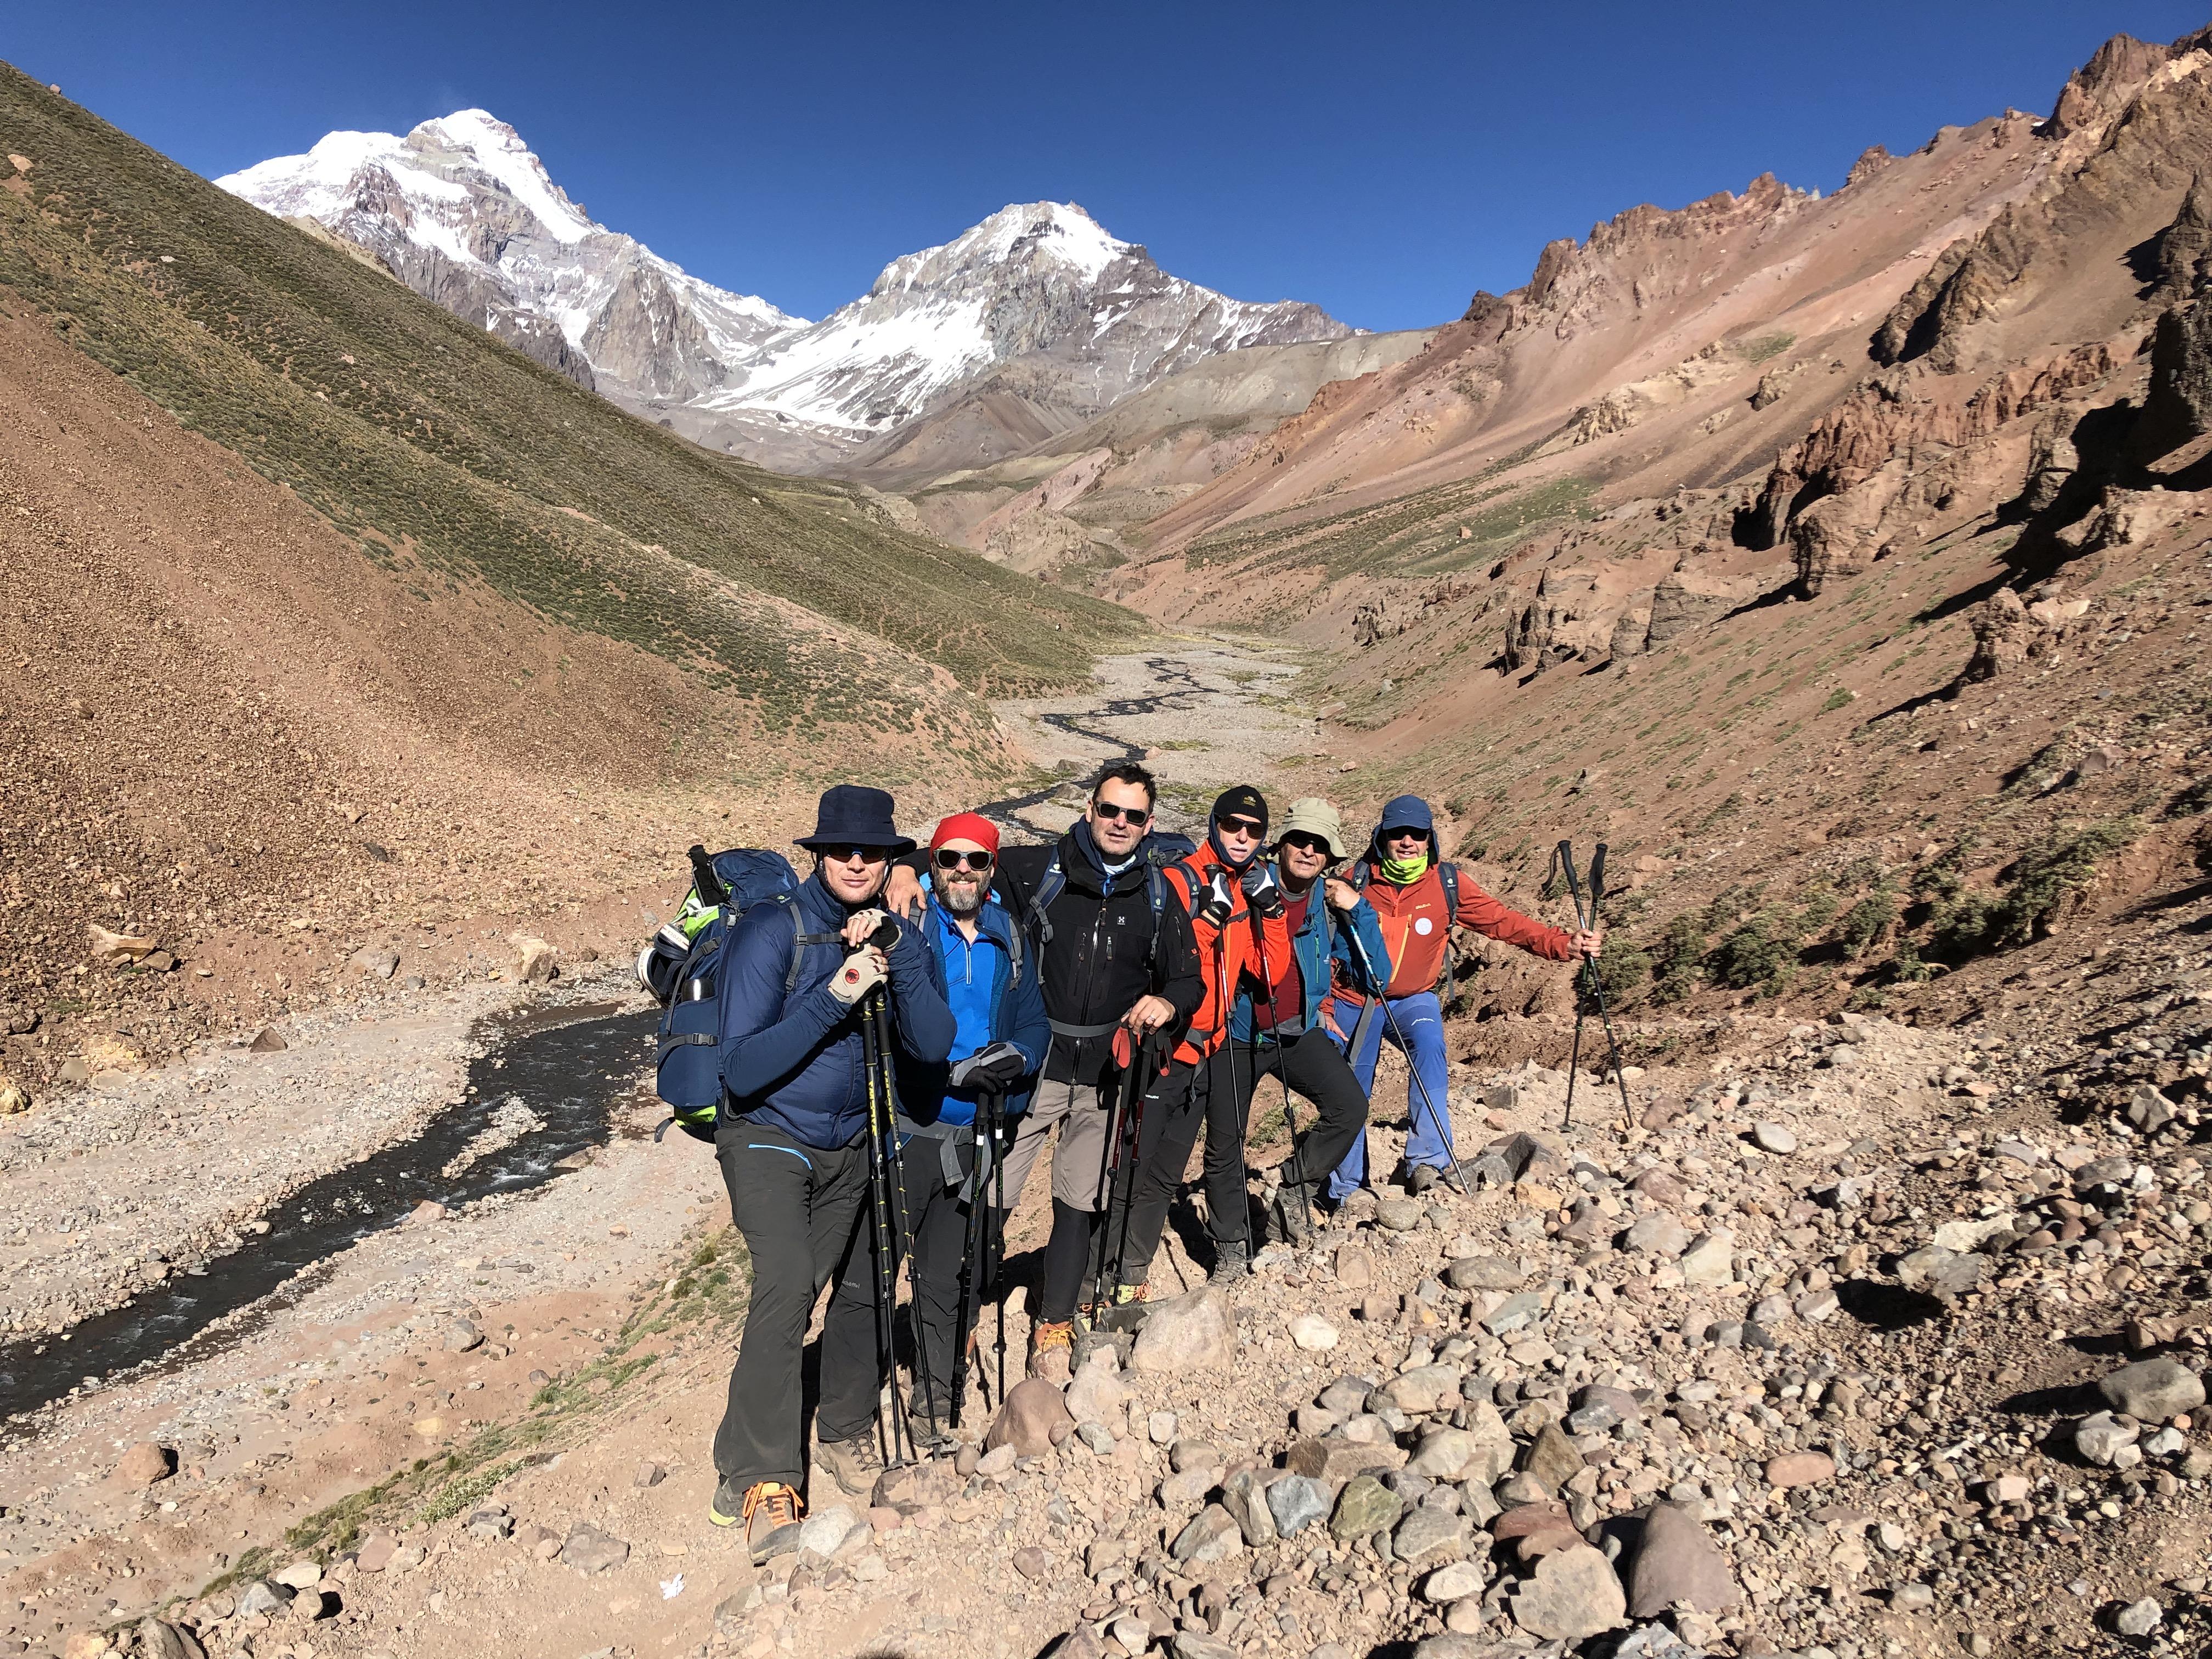 Berge Mit Mehr Crew